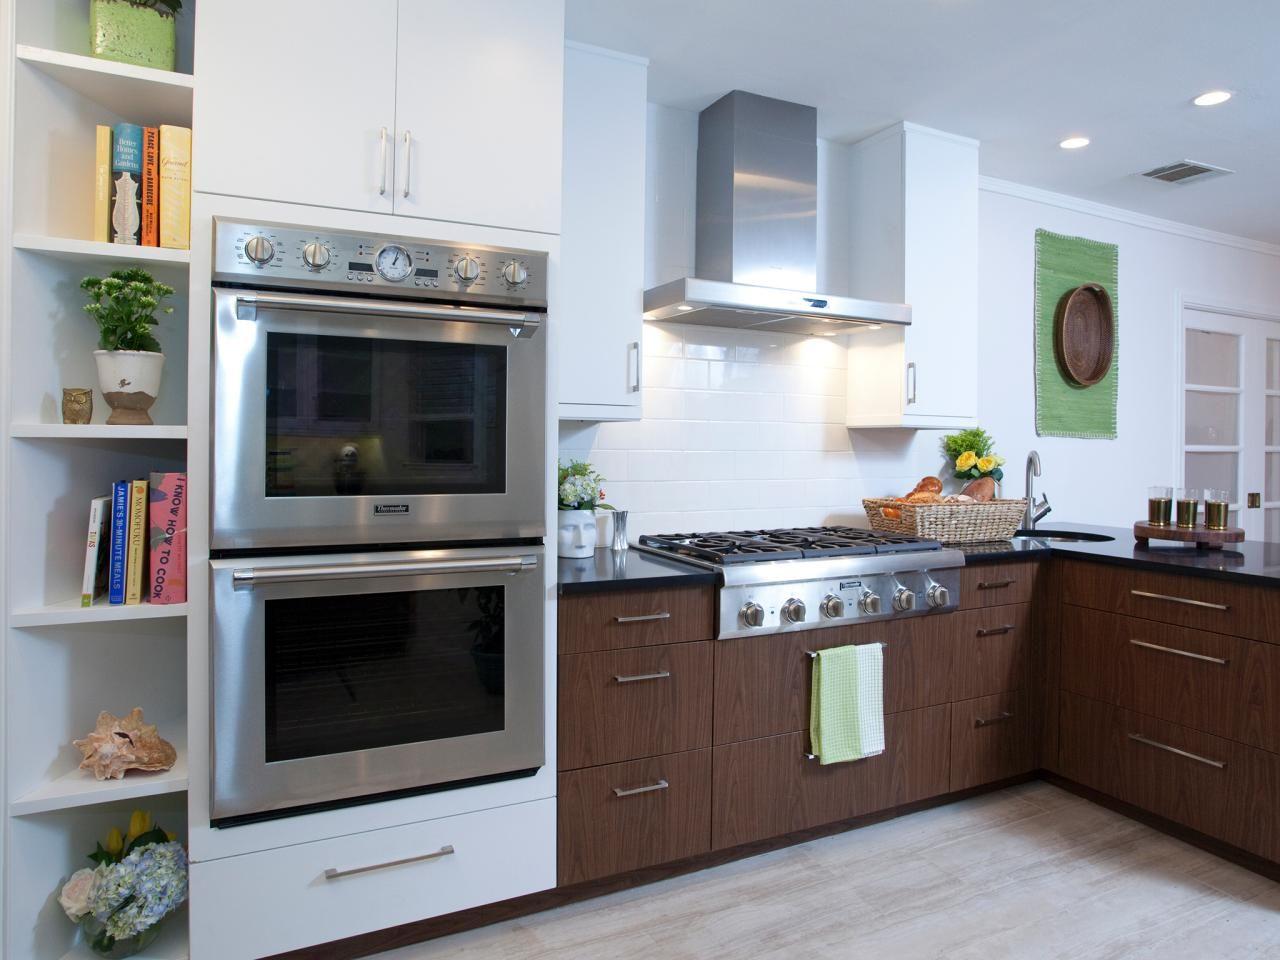 Famoso Hgtv Ideas De Diseño De Cocina Colección - Ideas de ...